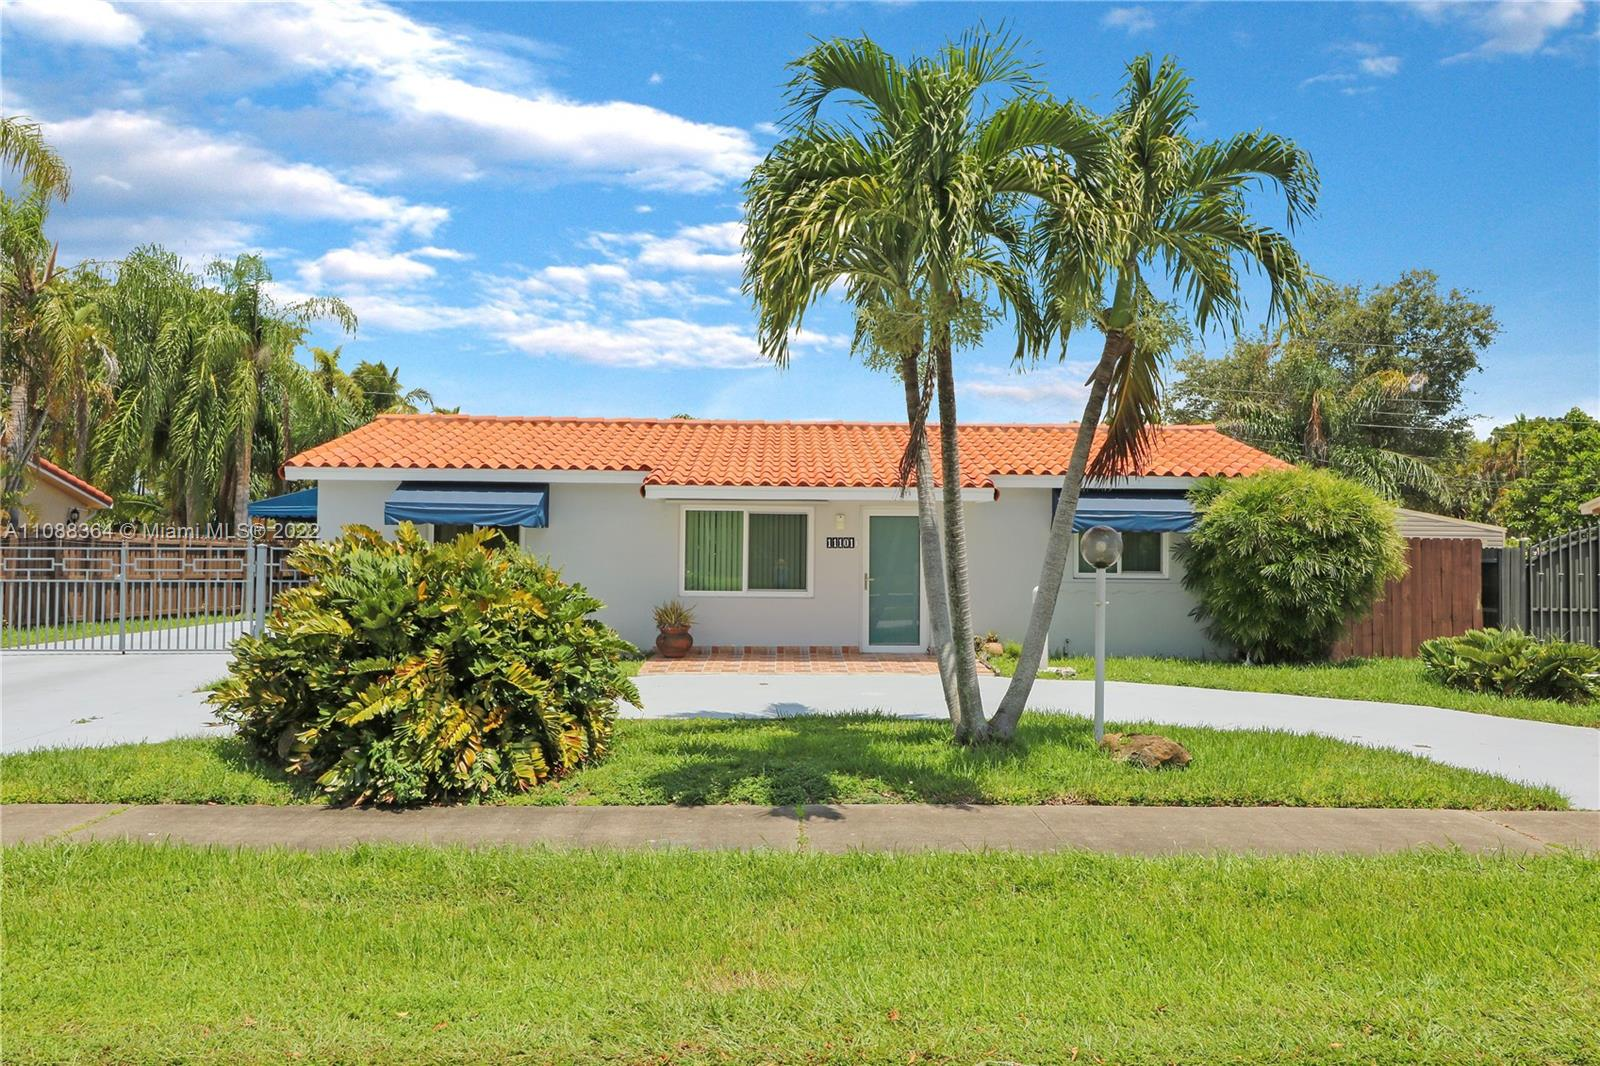 Snapper Creek - 11101 N Snapper Creek Dr, Miami, FL 33173